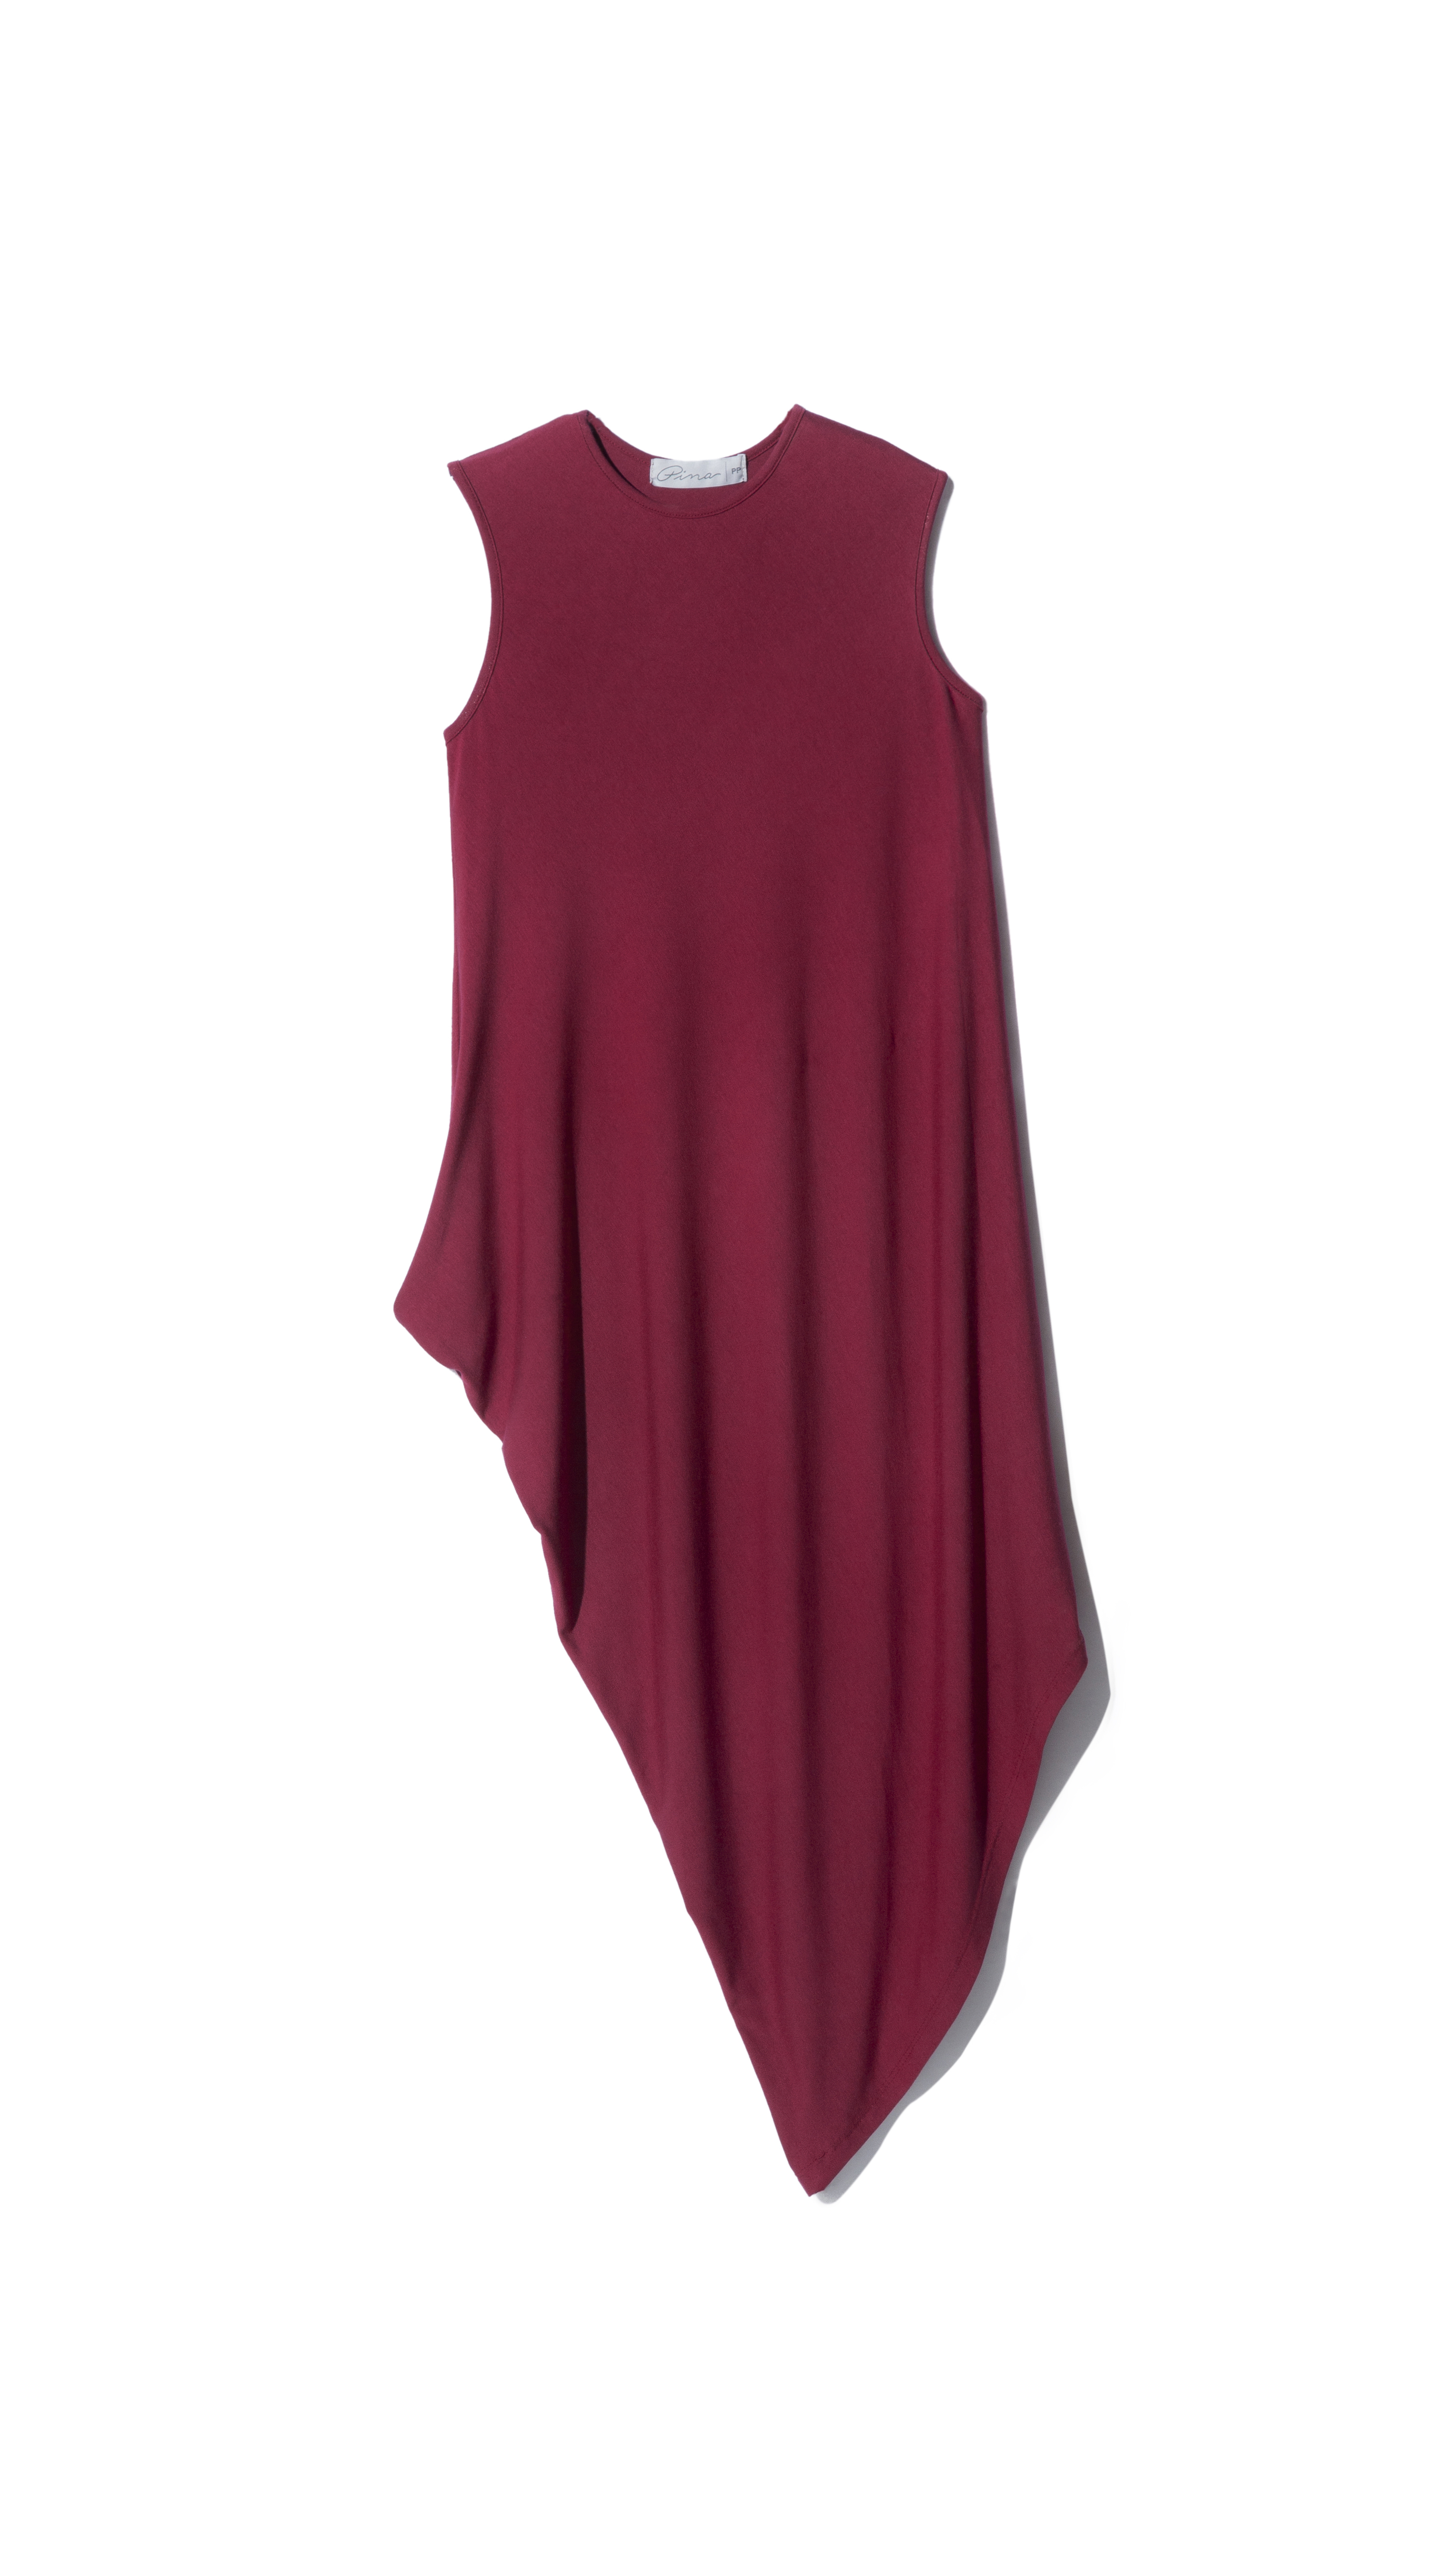 vestido peso cereja